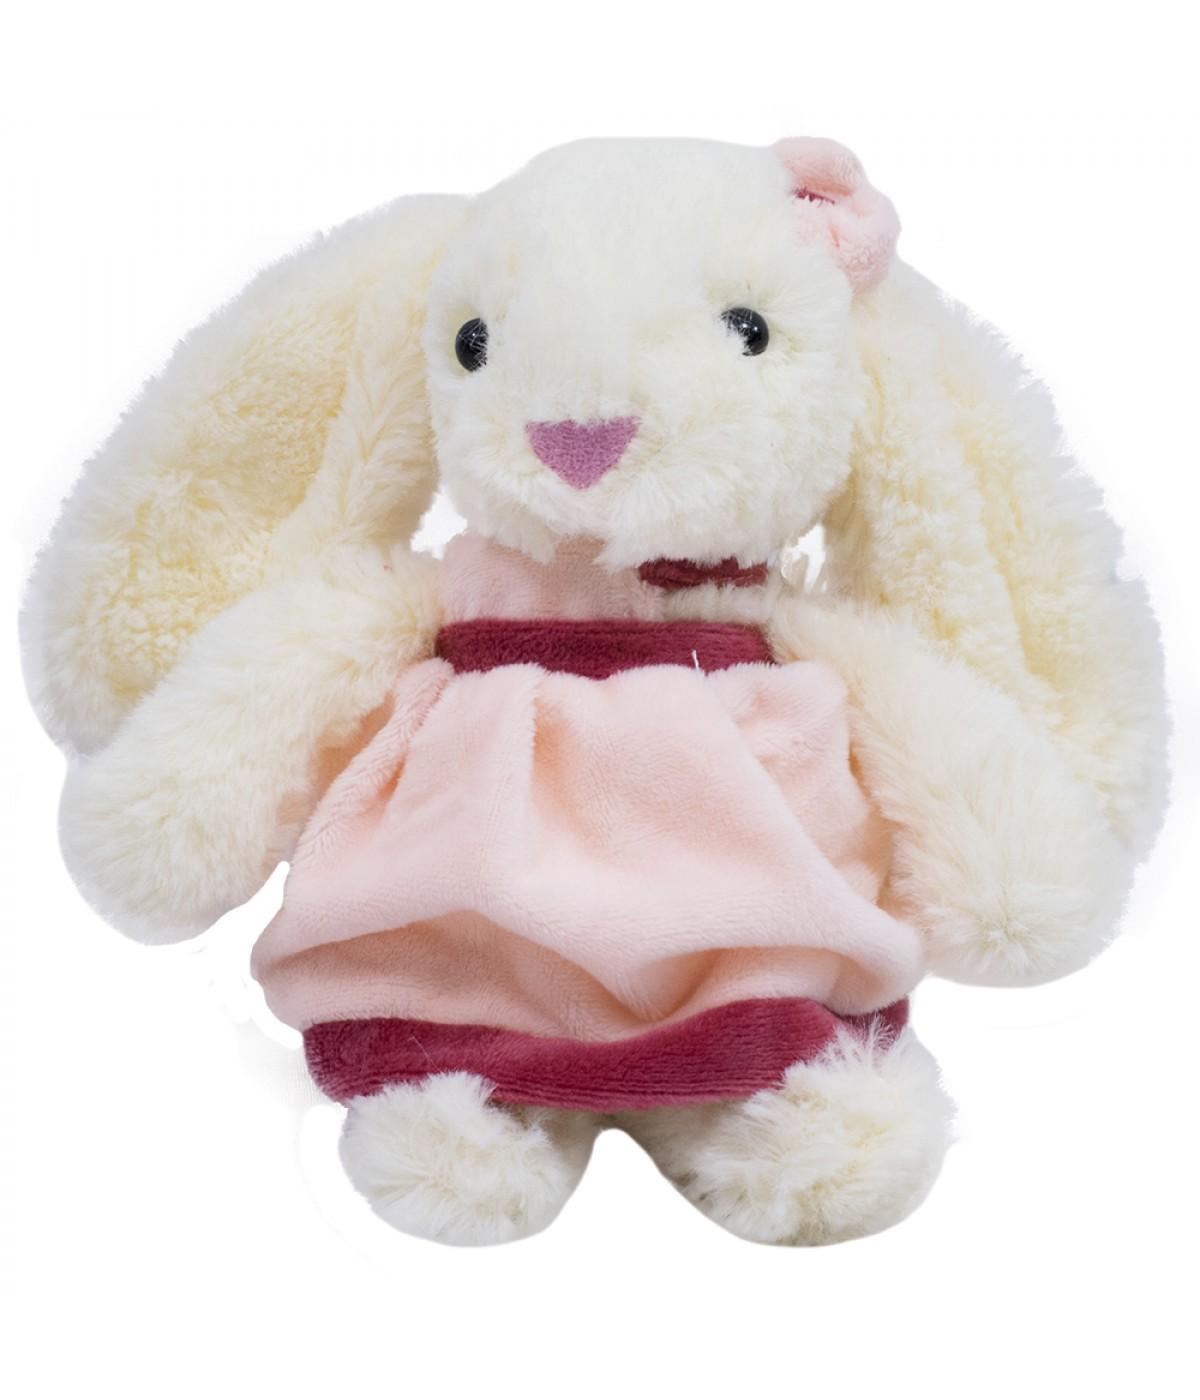 Coelho vestido rosa com laço 16cm - pelúcia